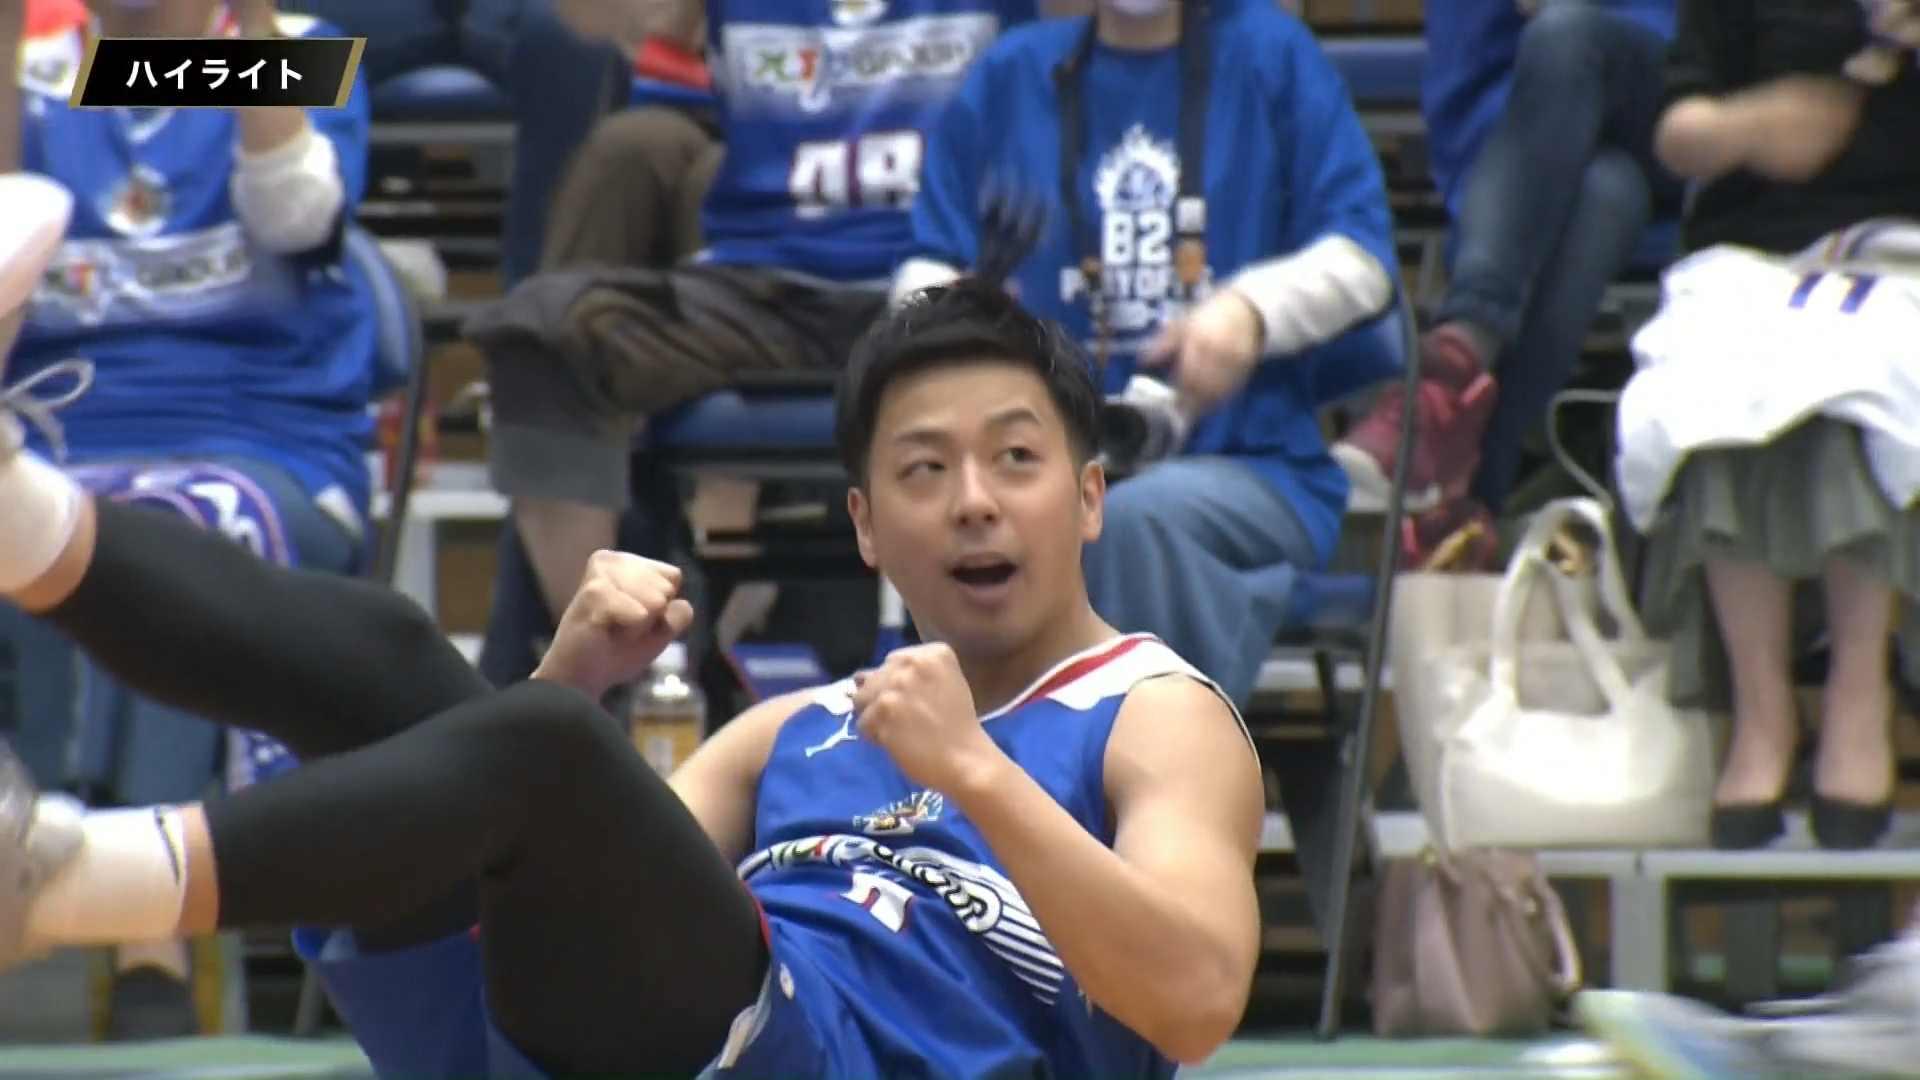 【ハイライト】【B2PO QF】05/09 FE名古屋 vs 越谷 GAME3 (20-21 ポストシーズン)